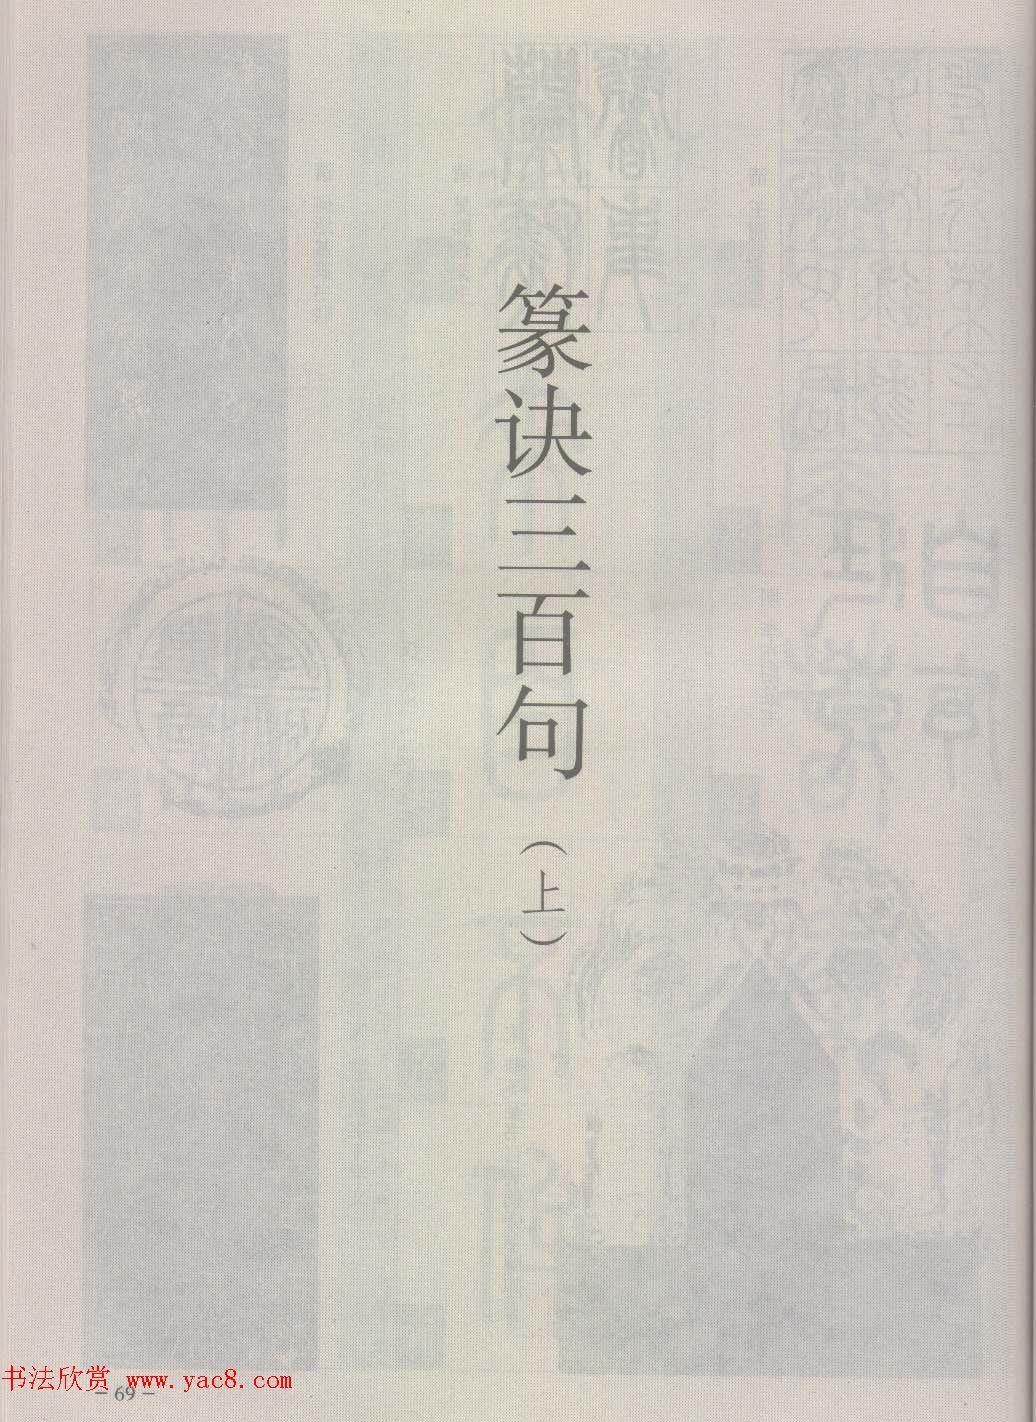 篆经-篆书书写与辨识下篇:篆诀三百句